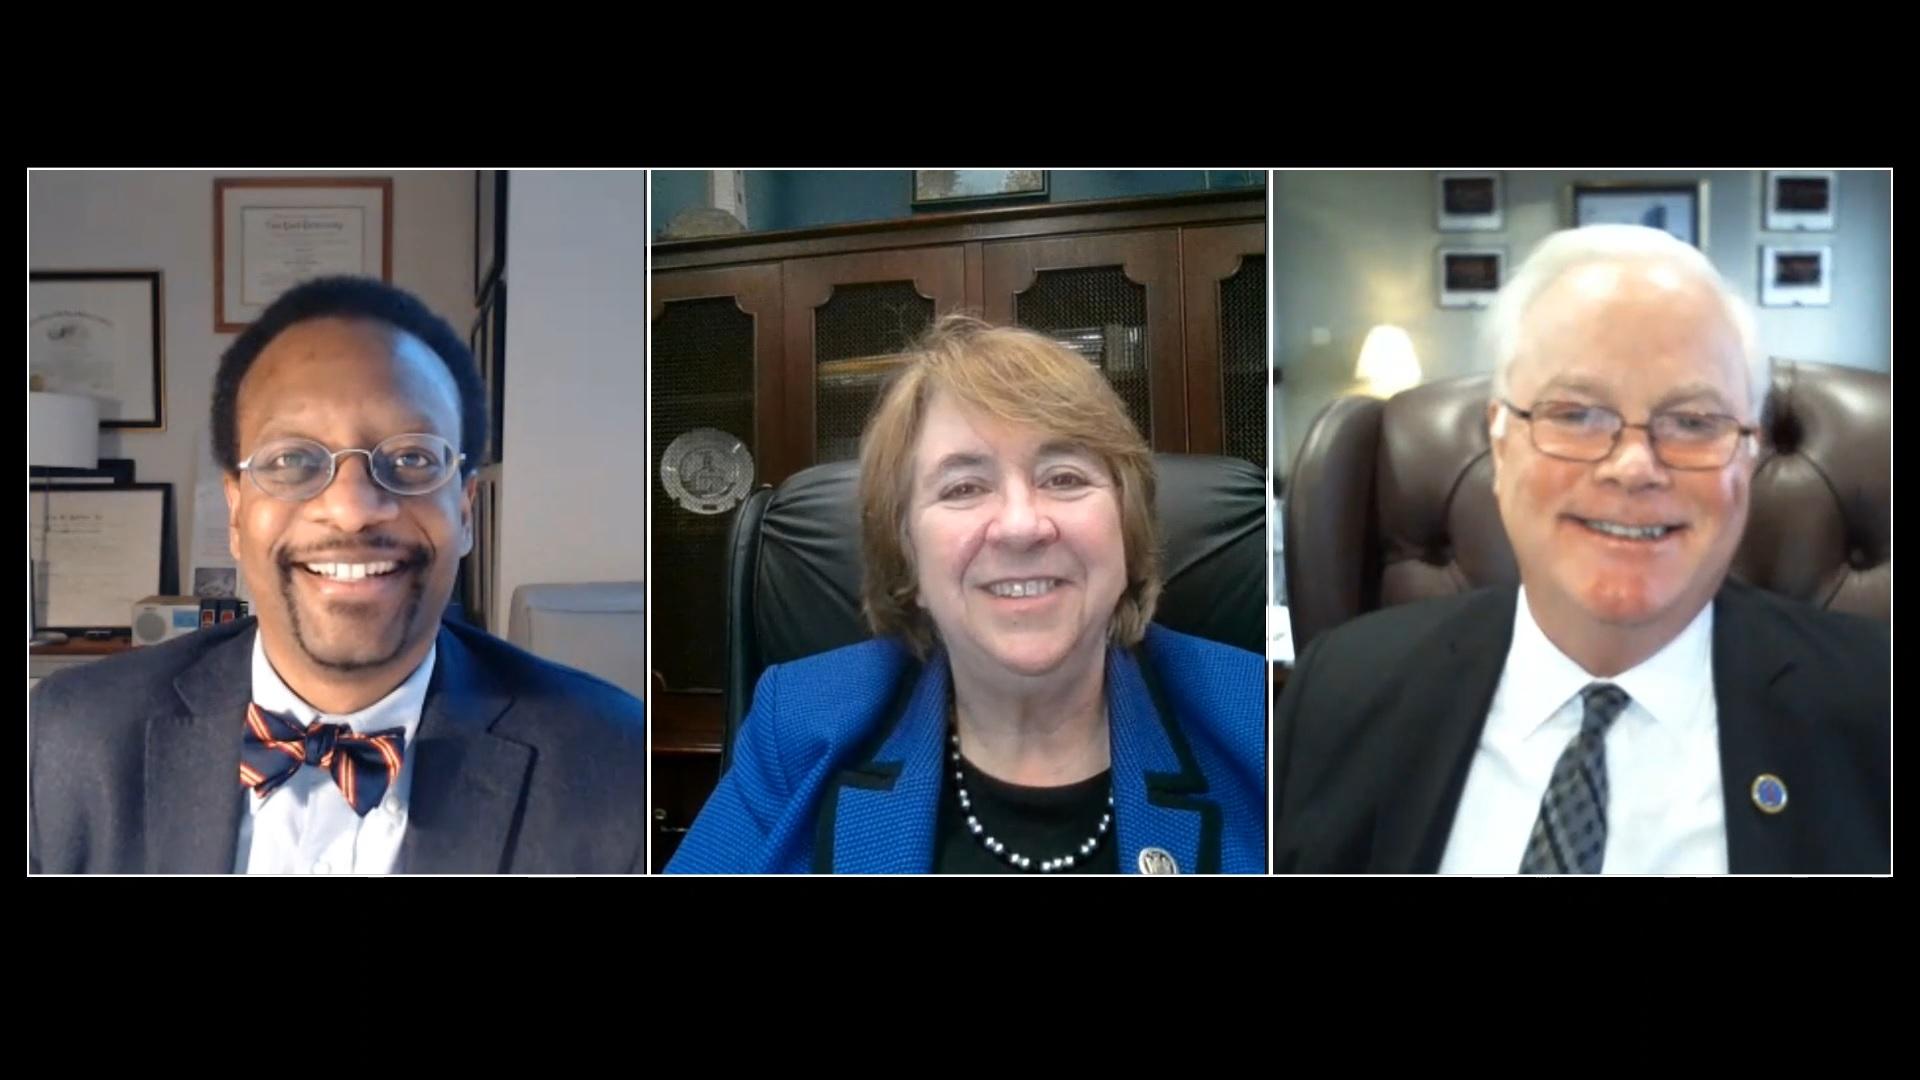 Hon. Elizabeth Garry, Hon. Gerald Whalen, and Prof. Troy McKenzie